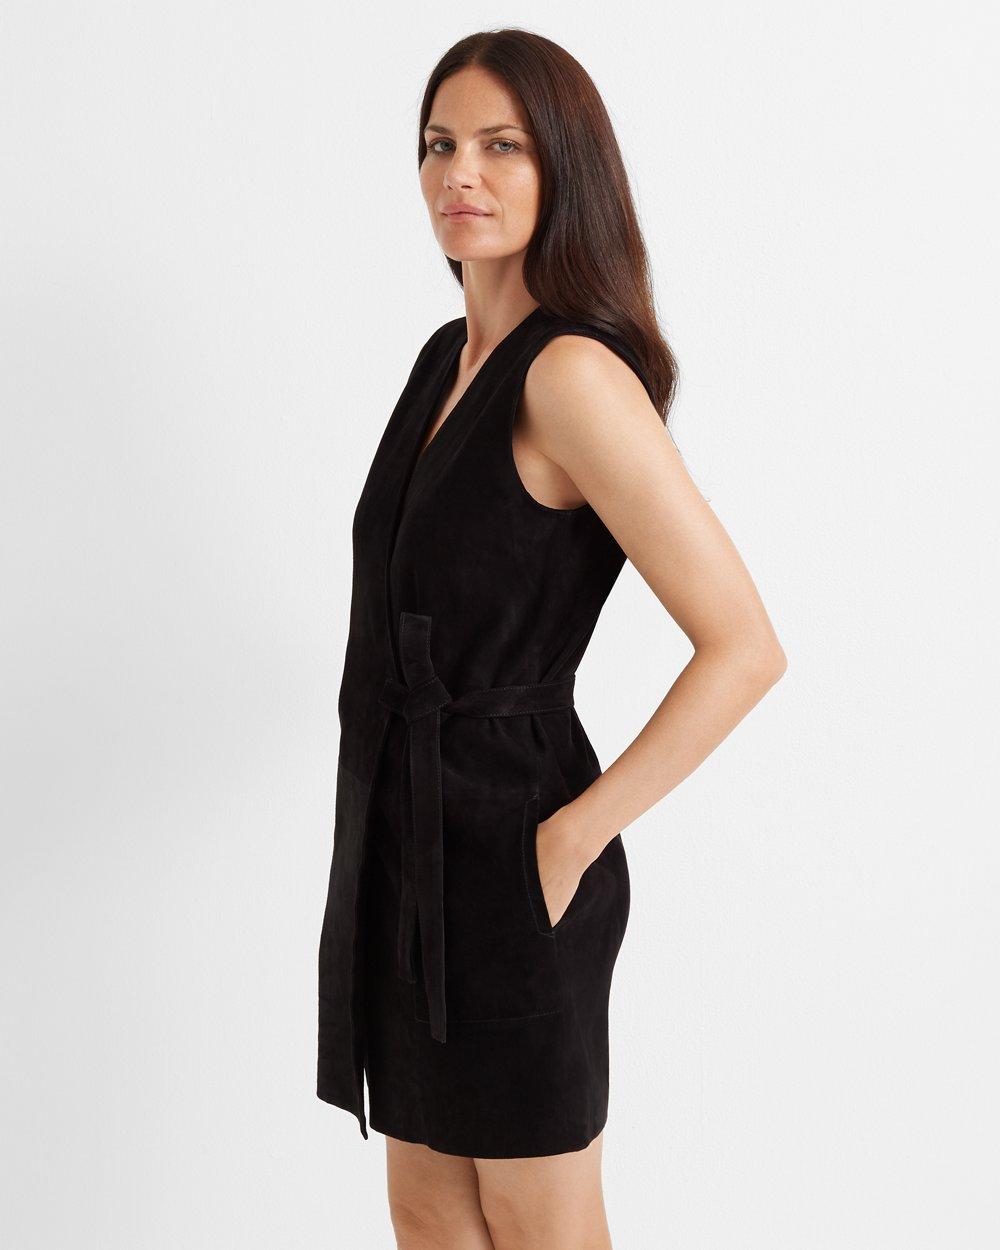 Clubmonaco Suede Wrap Dress